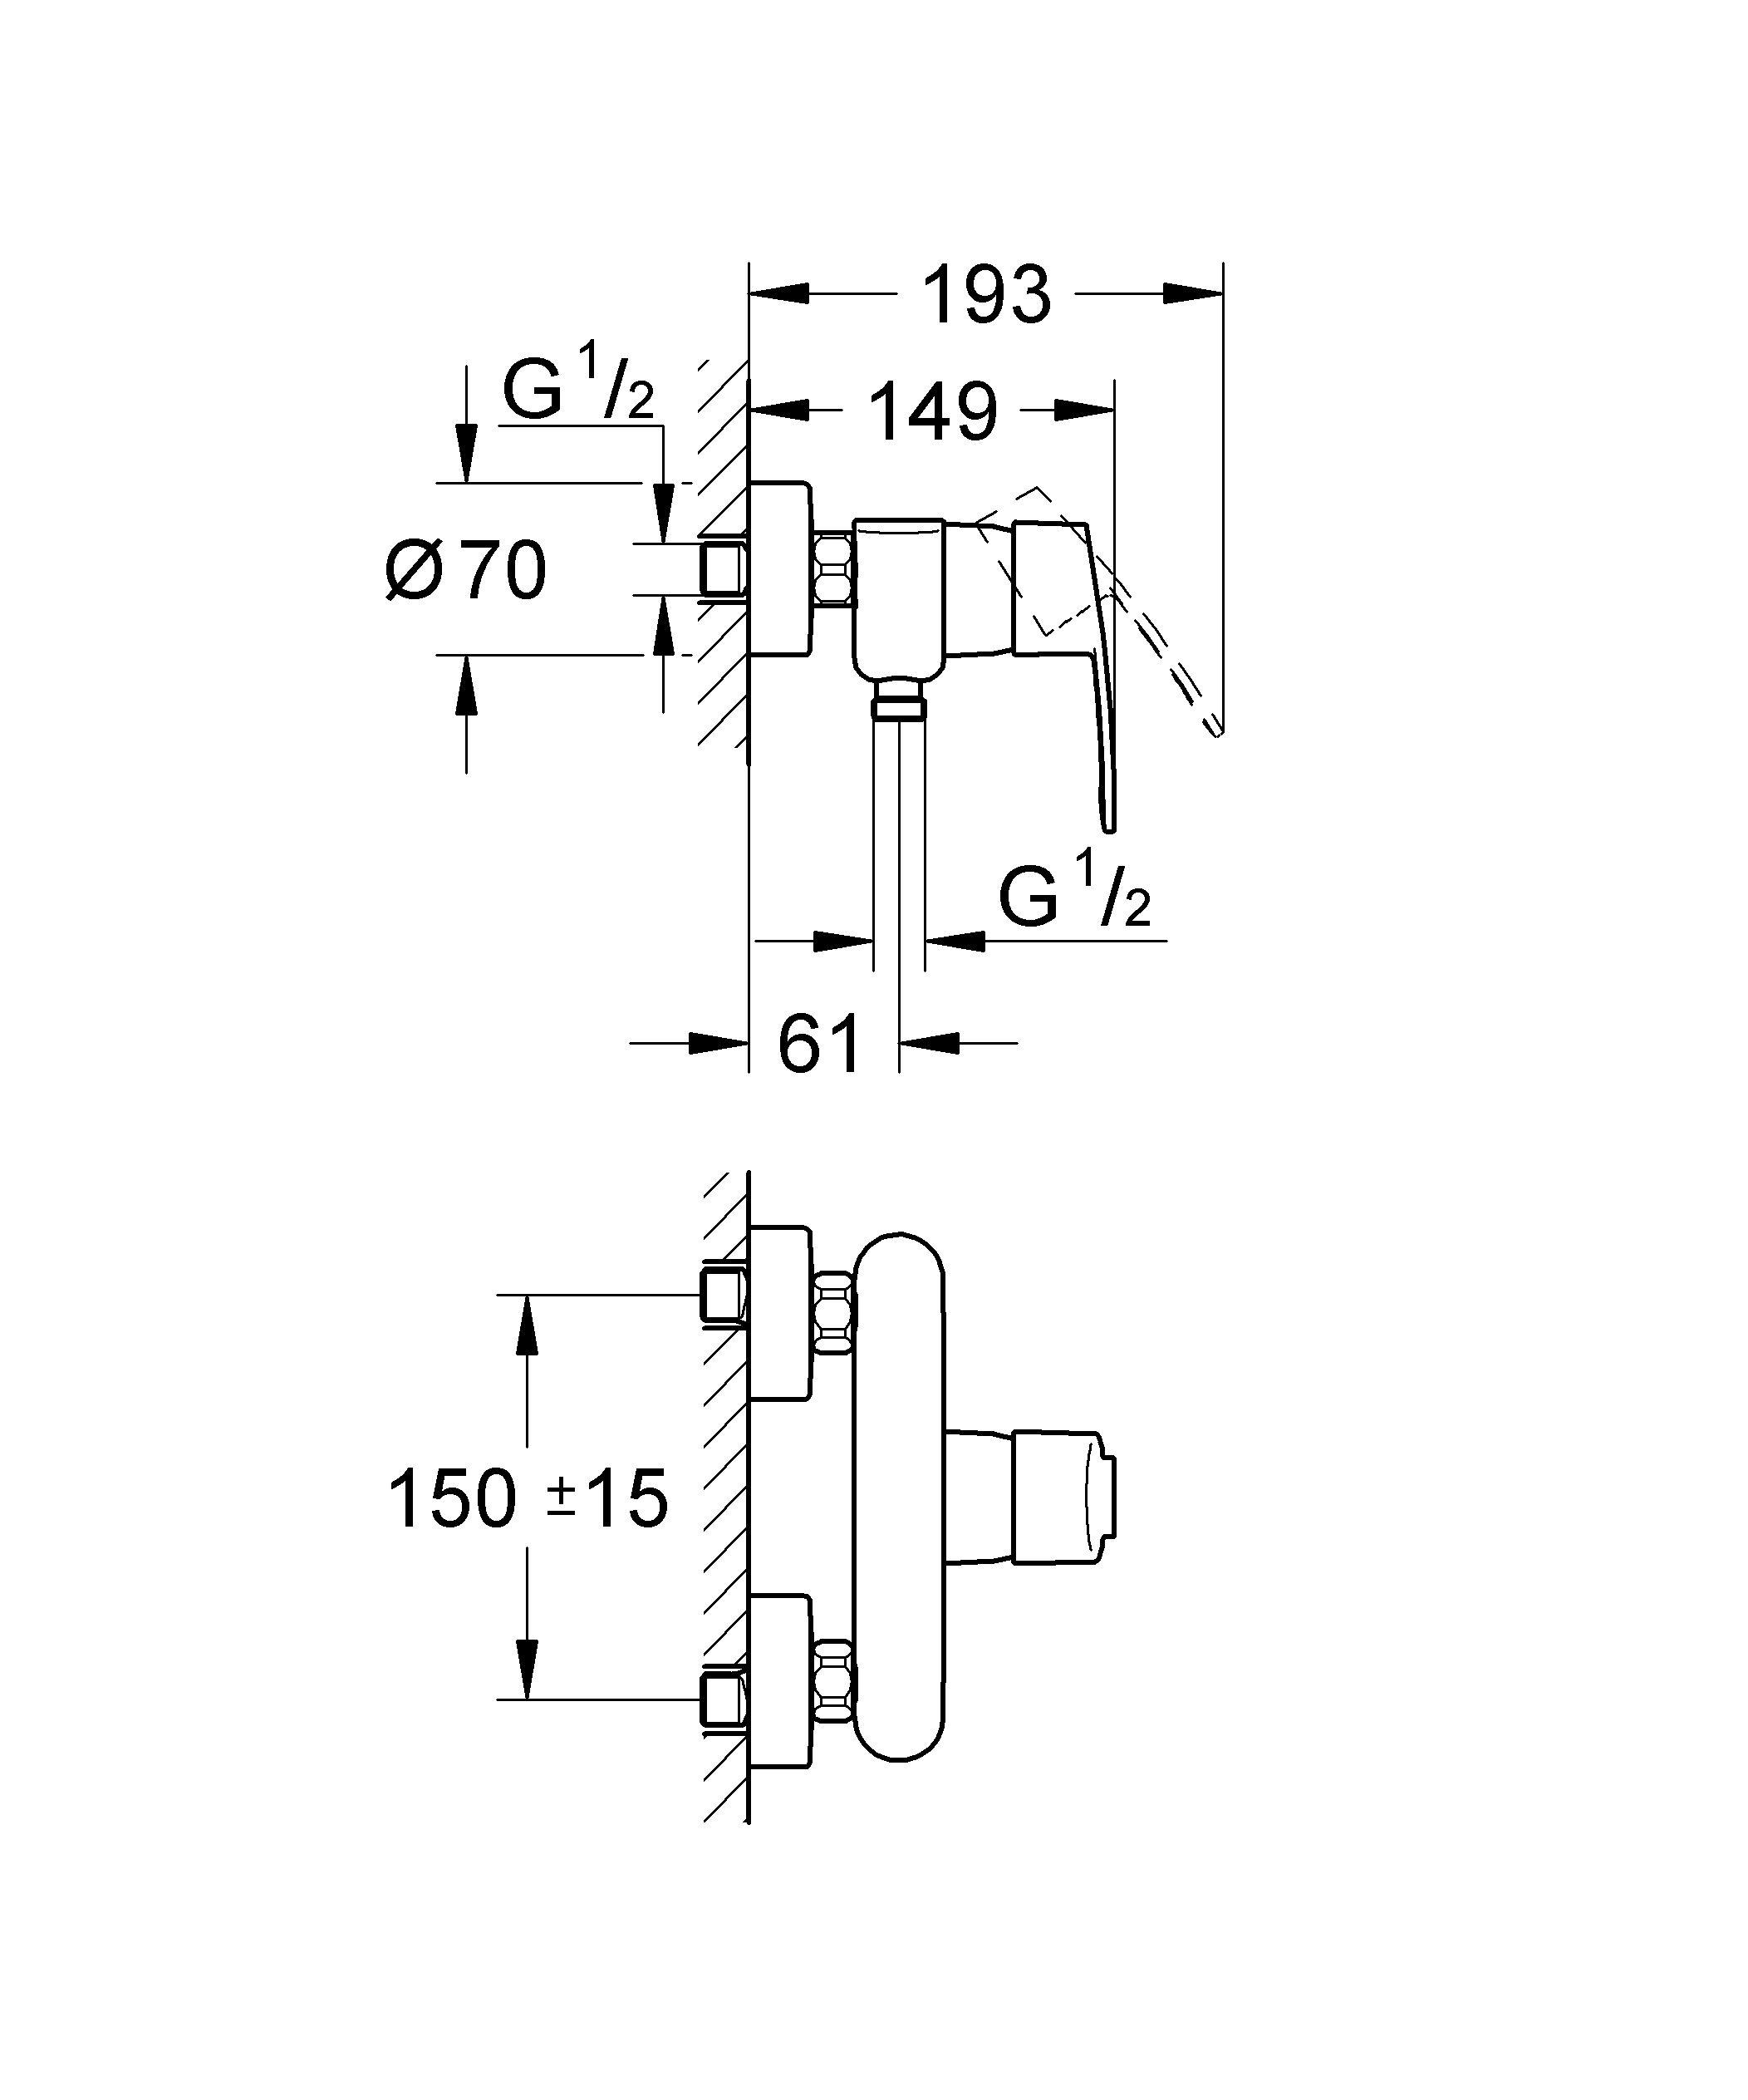 Настенный монтаж  Металлический рычаг  GROHE SilkMove керамический картридж O 46 мм  GROHE StarLight хромированная поверхность   Регулировка расхода воды  Отвод для душа снизу 1/2?  Встроенный обратный клапан  Скрытые S-образные эксцентрики  Дополнительный ограничитель температуры (46 308 000)  С защитой от обратного потока  Класс шума I по DIN 4109    Видео по установке является исключительно информационным. Установка должна проводиться профессионалами! Характеристики:    Материал: металл. Цвет: хром. Количество монтажных отверстий: 2. Размер упаковки: 18 см x 20 см x 16 см. Артикул: 33590002.